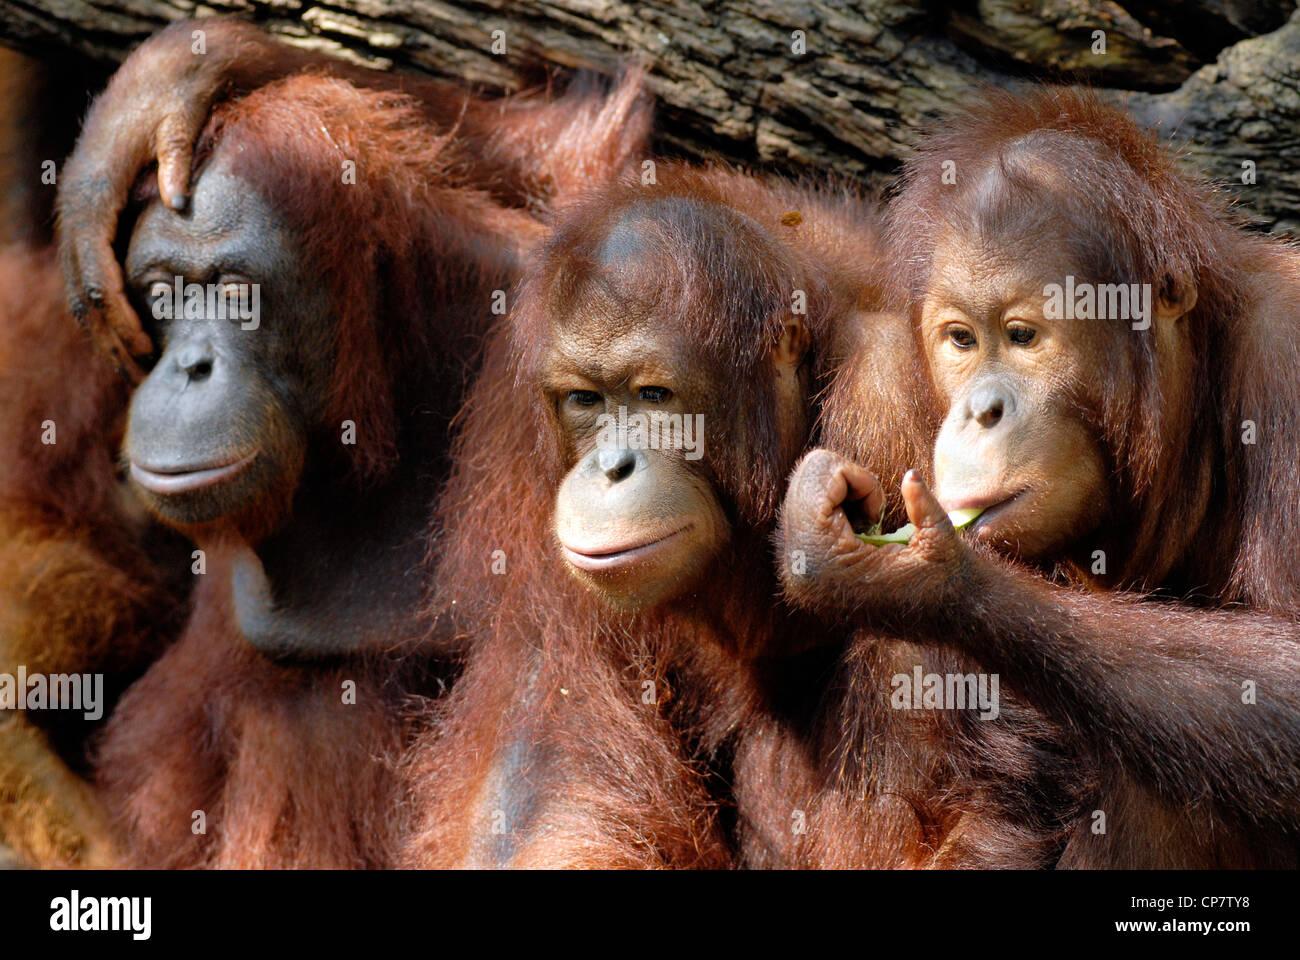 Nahaufnahme von einer Gruppe von Orang Utan Teenager teilen etwas zu essen. Stockfoto